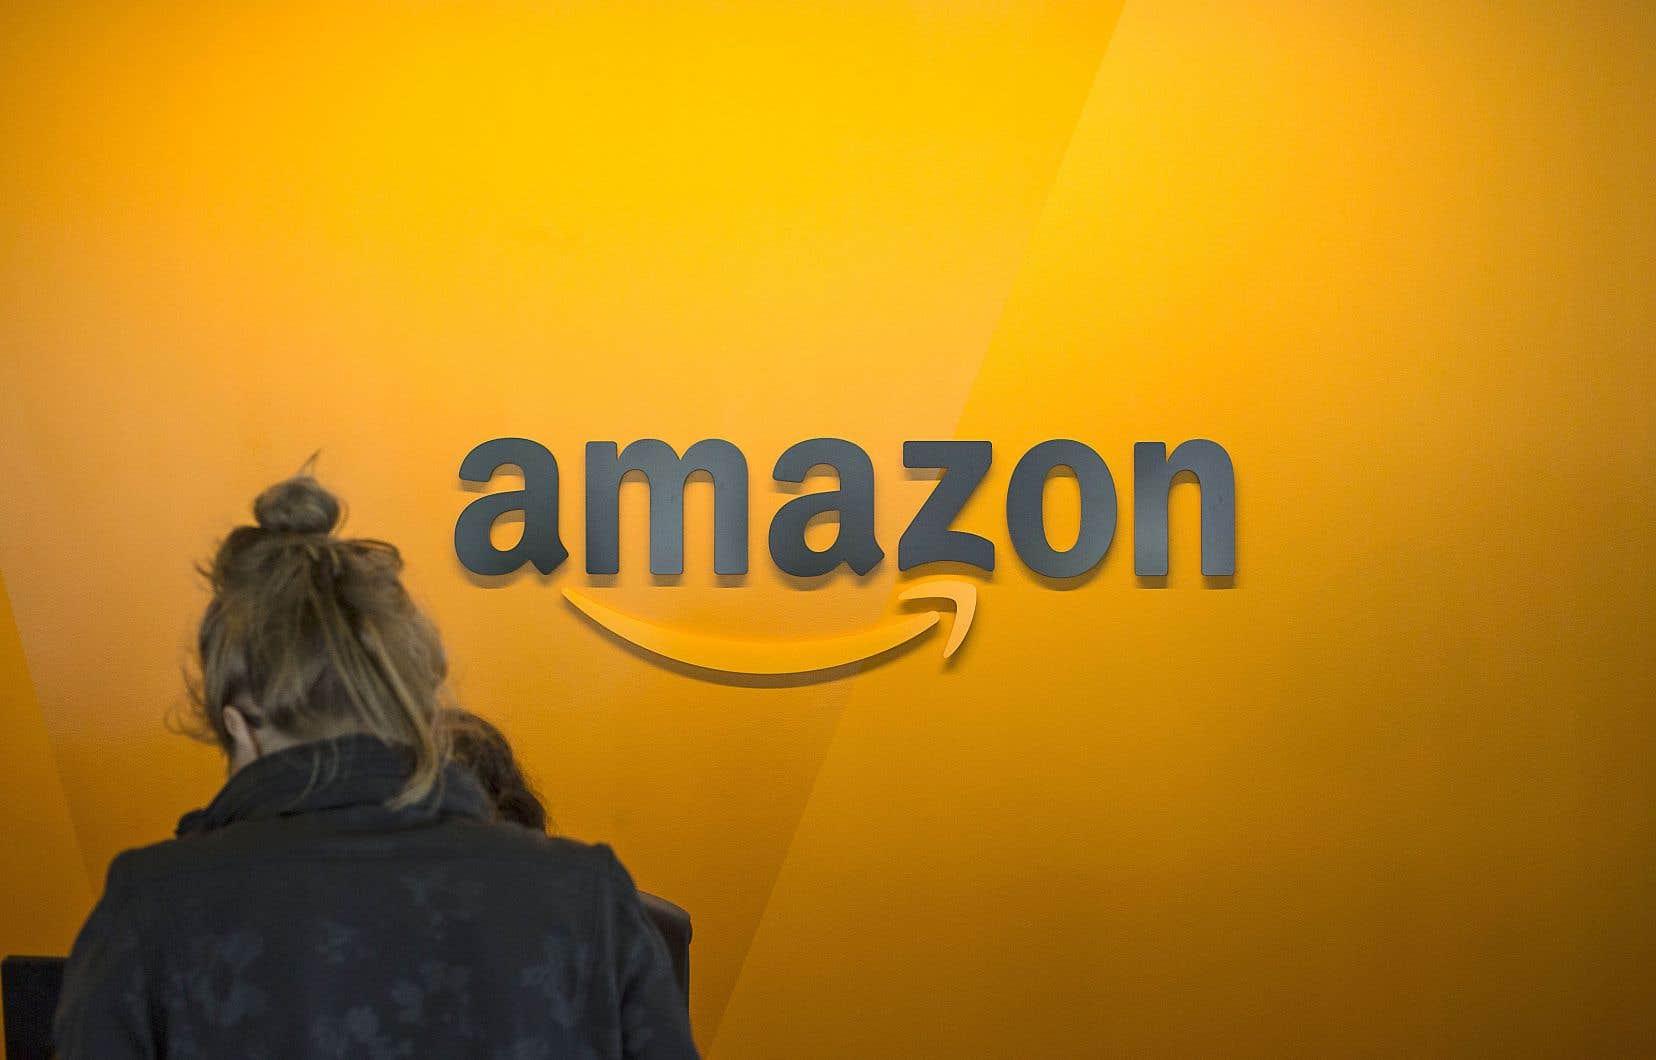 238 villes avaient soumis leur candidature à Amazon.